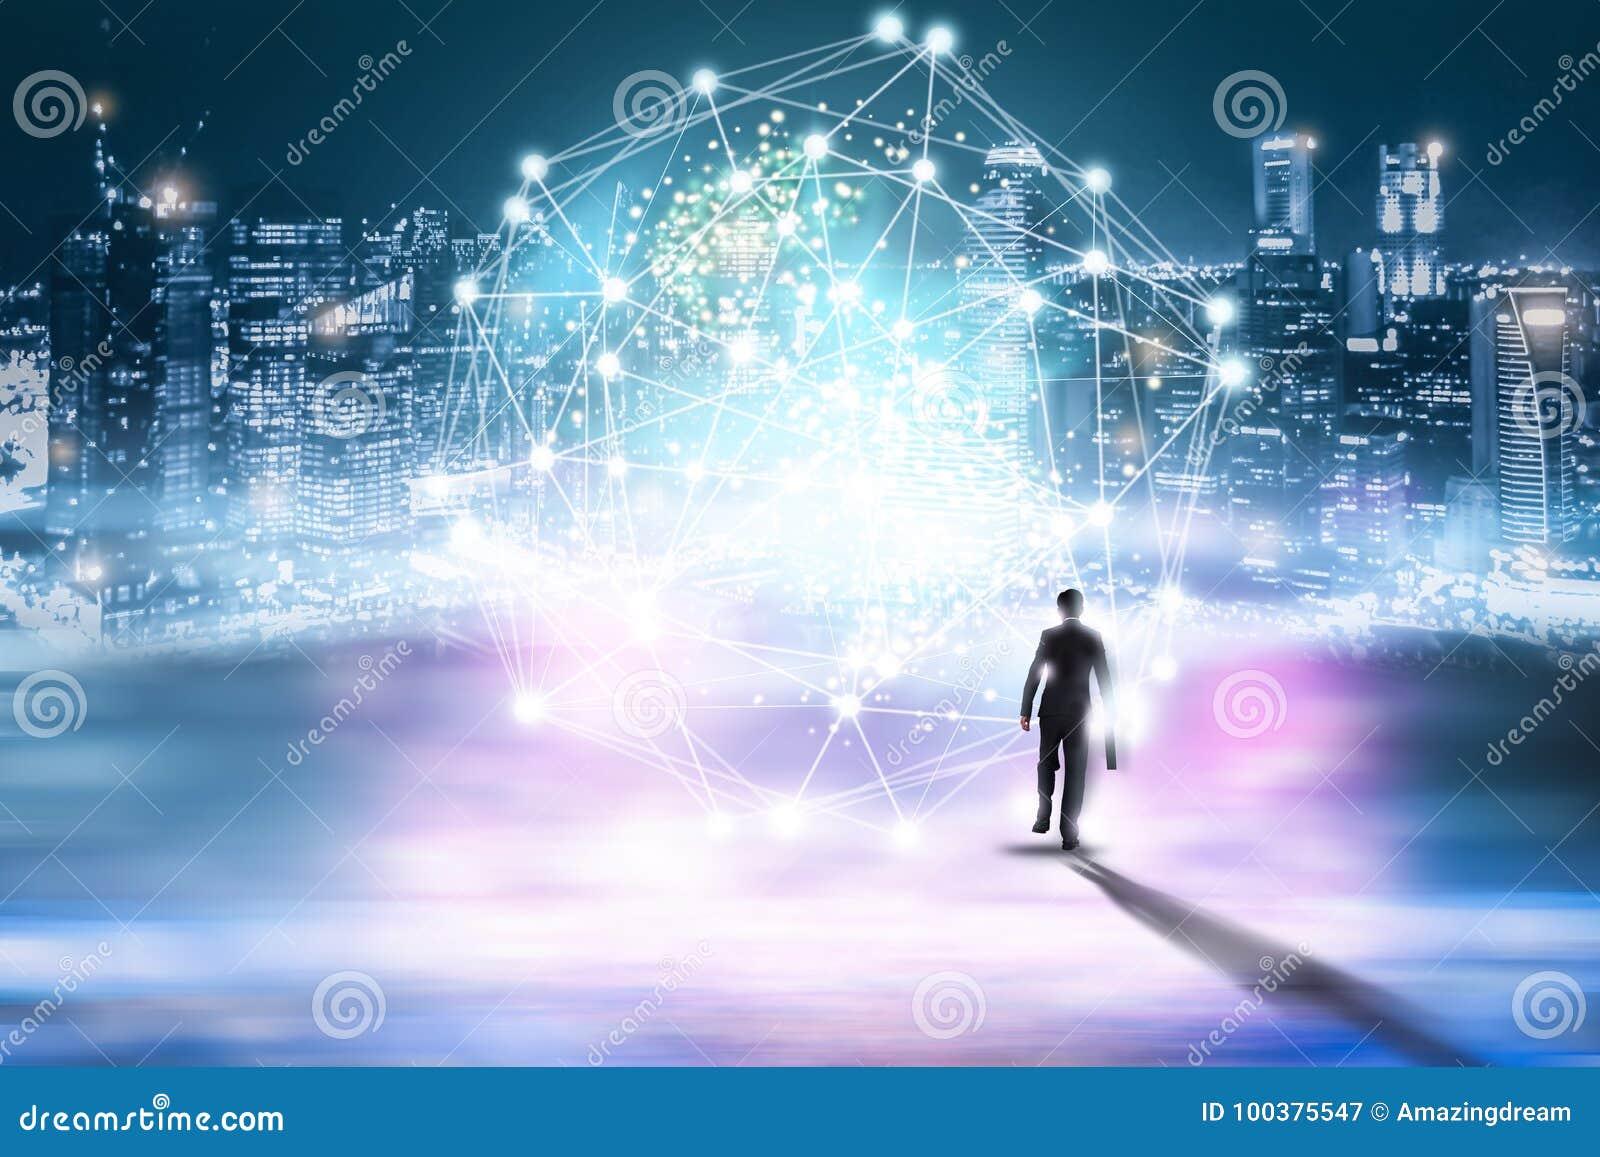 创造性抽象技术背景,创新,想法和未来派想法的概念